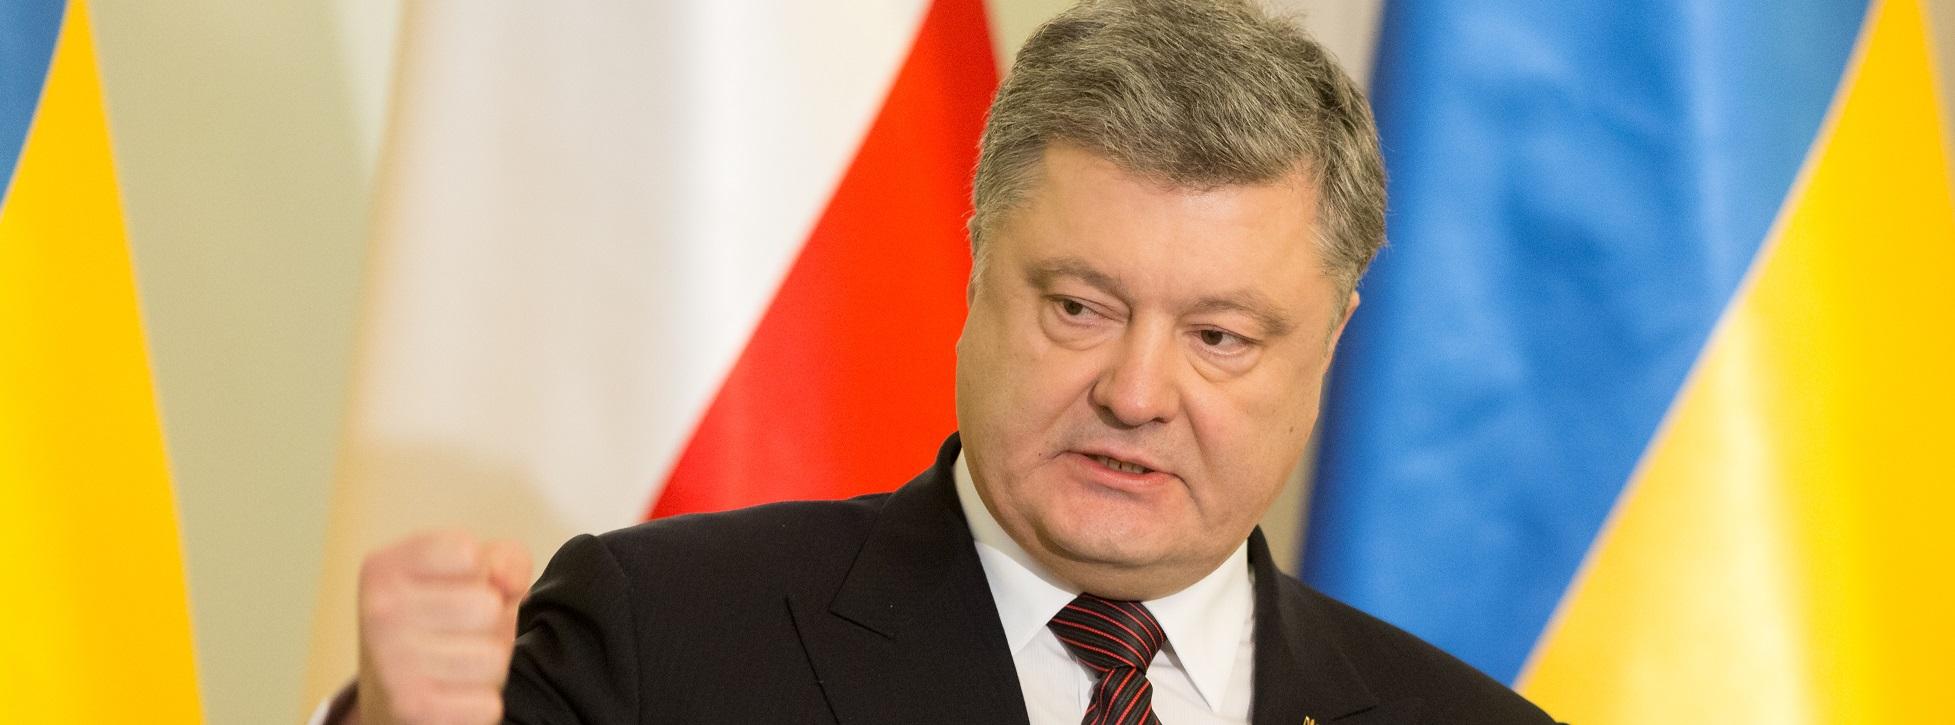 Poroszenko: Działania Gazpromu to polityczna presja